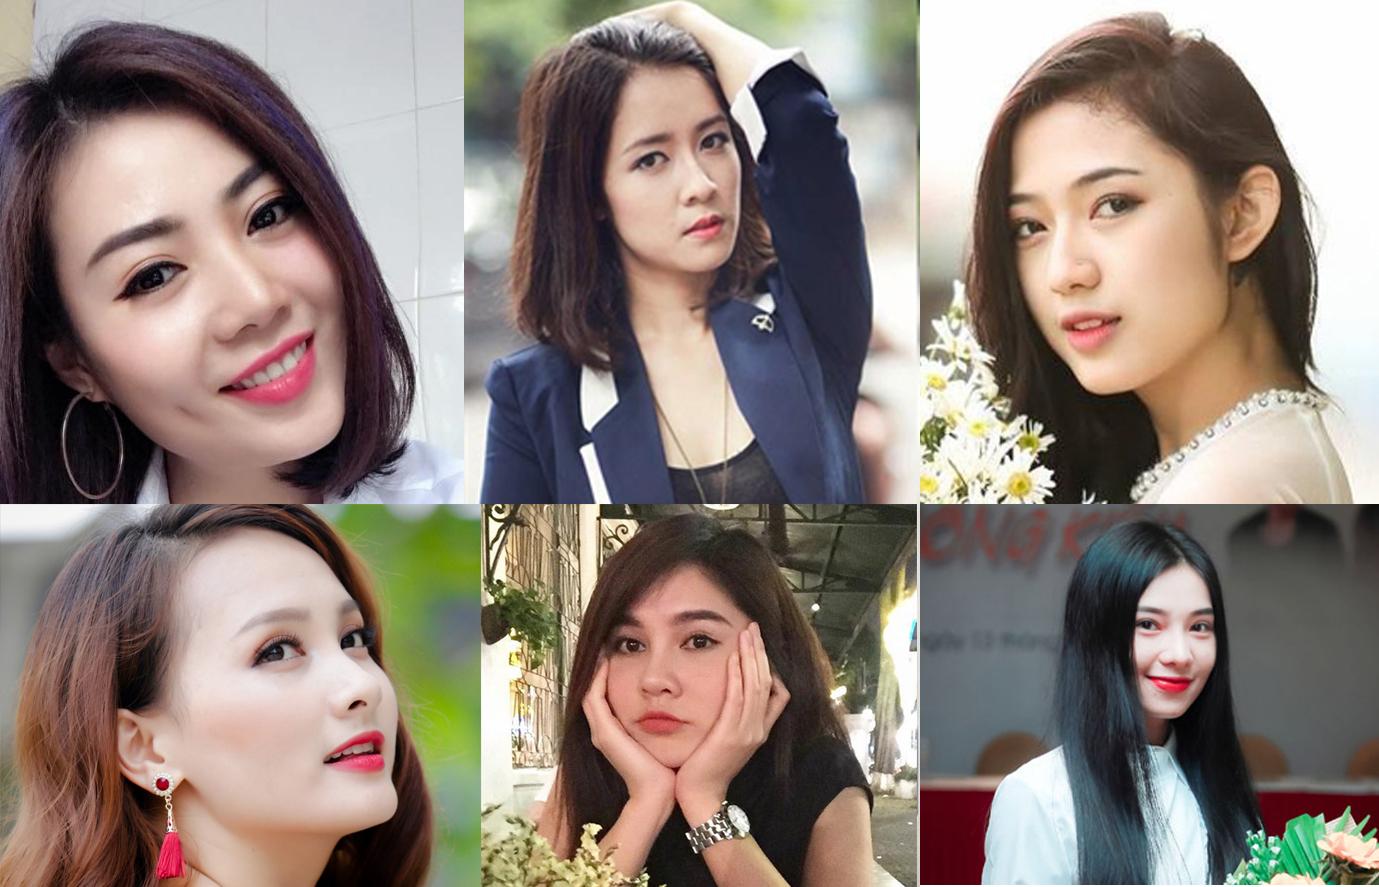 Nhìn những nữ diễn viên này ai mà nghĩ họ lại bằng tuổi nhau cơ chứ!